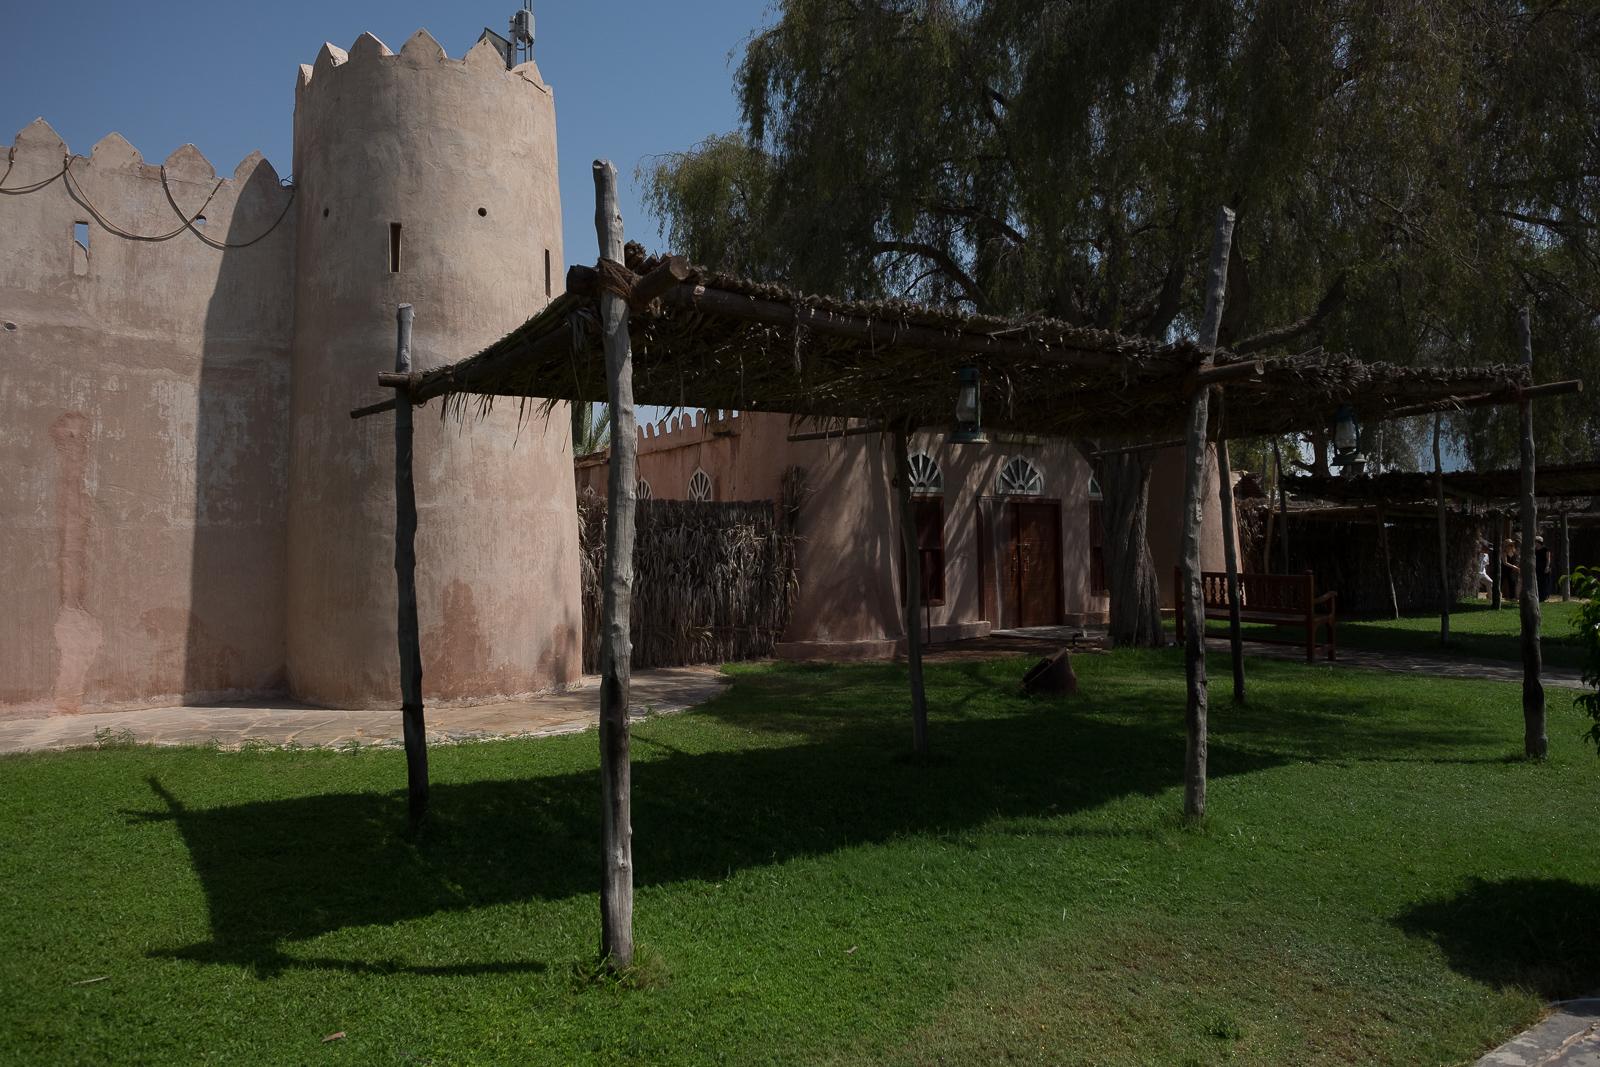 Buildings in the Abu Dhabi heritage village